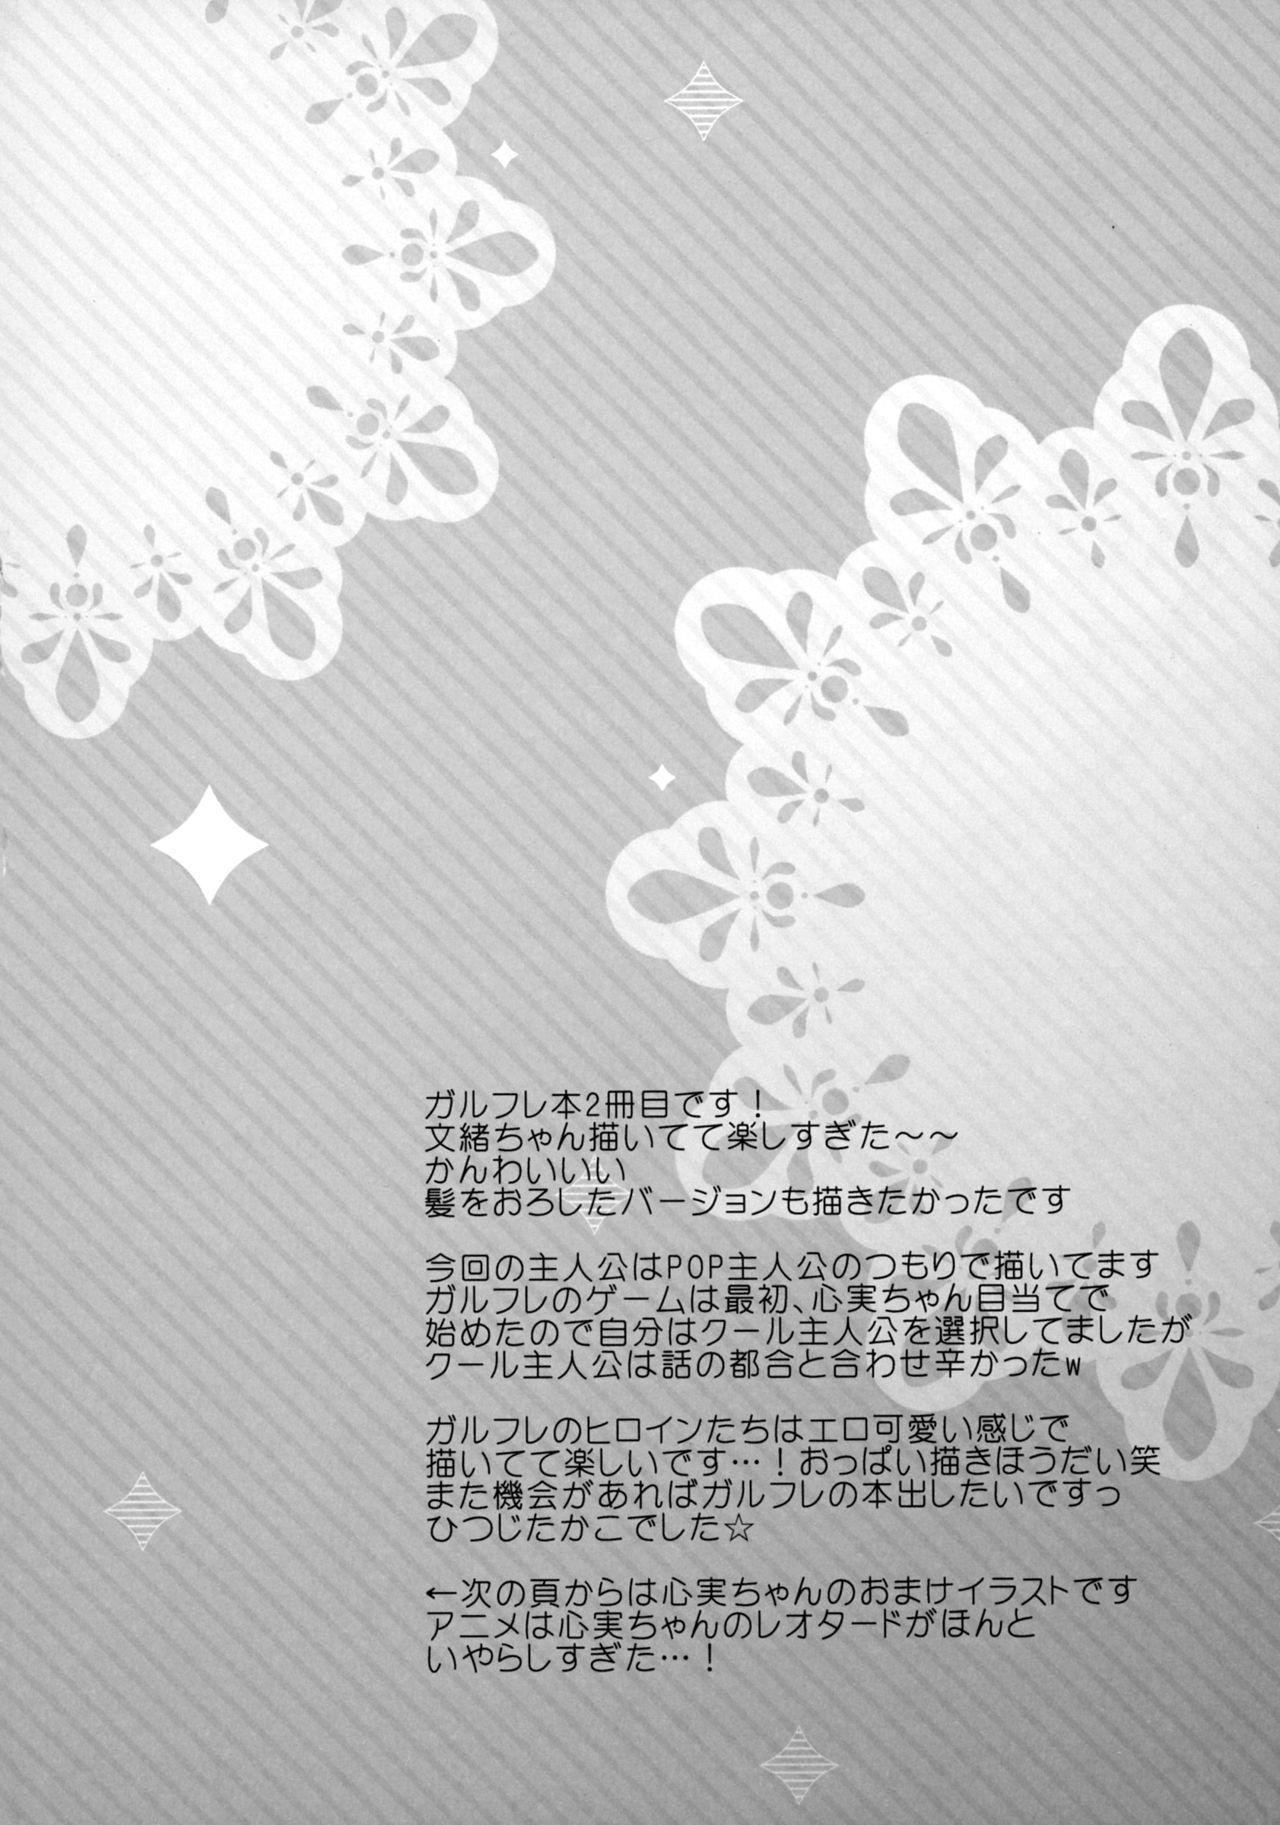 Fumio no Yuuwaku Date 20